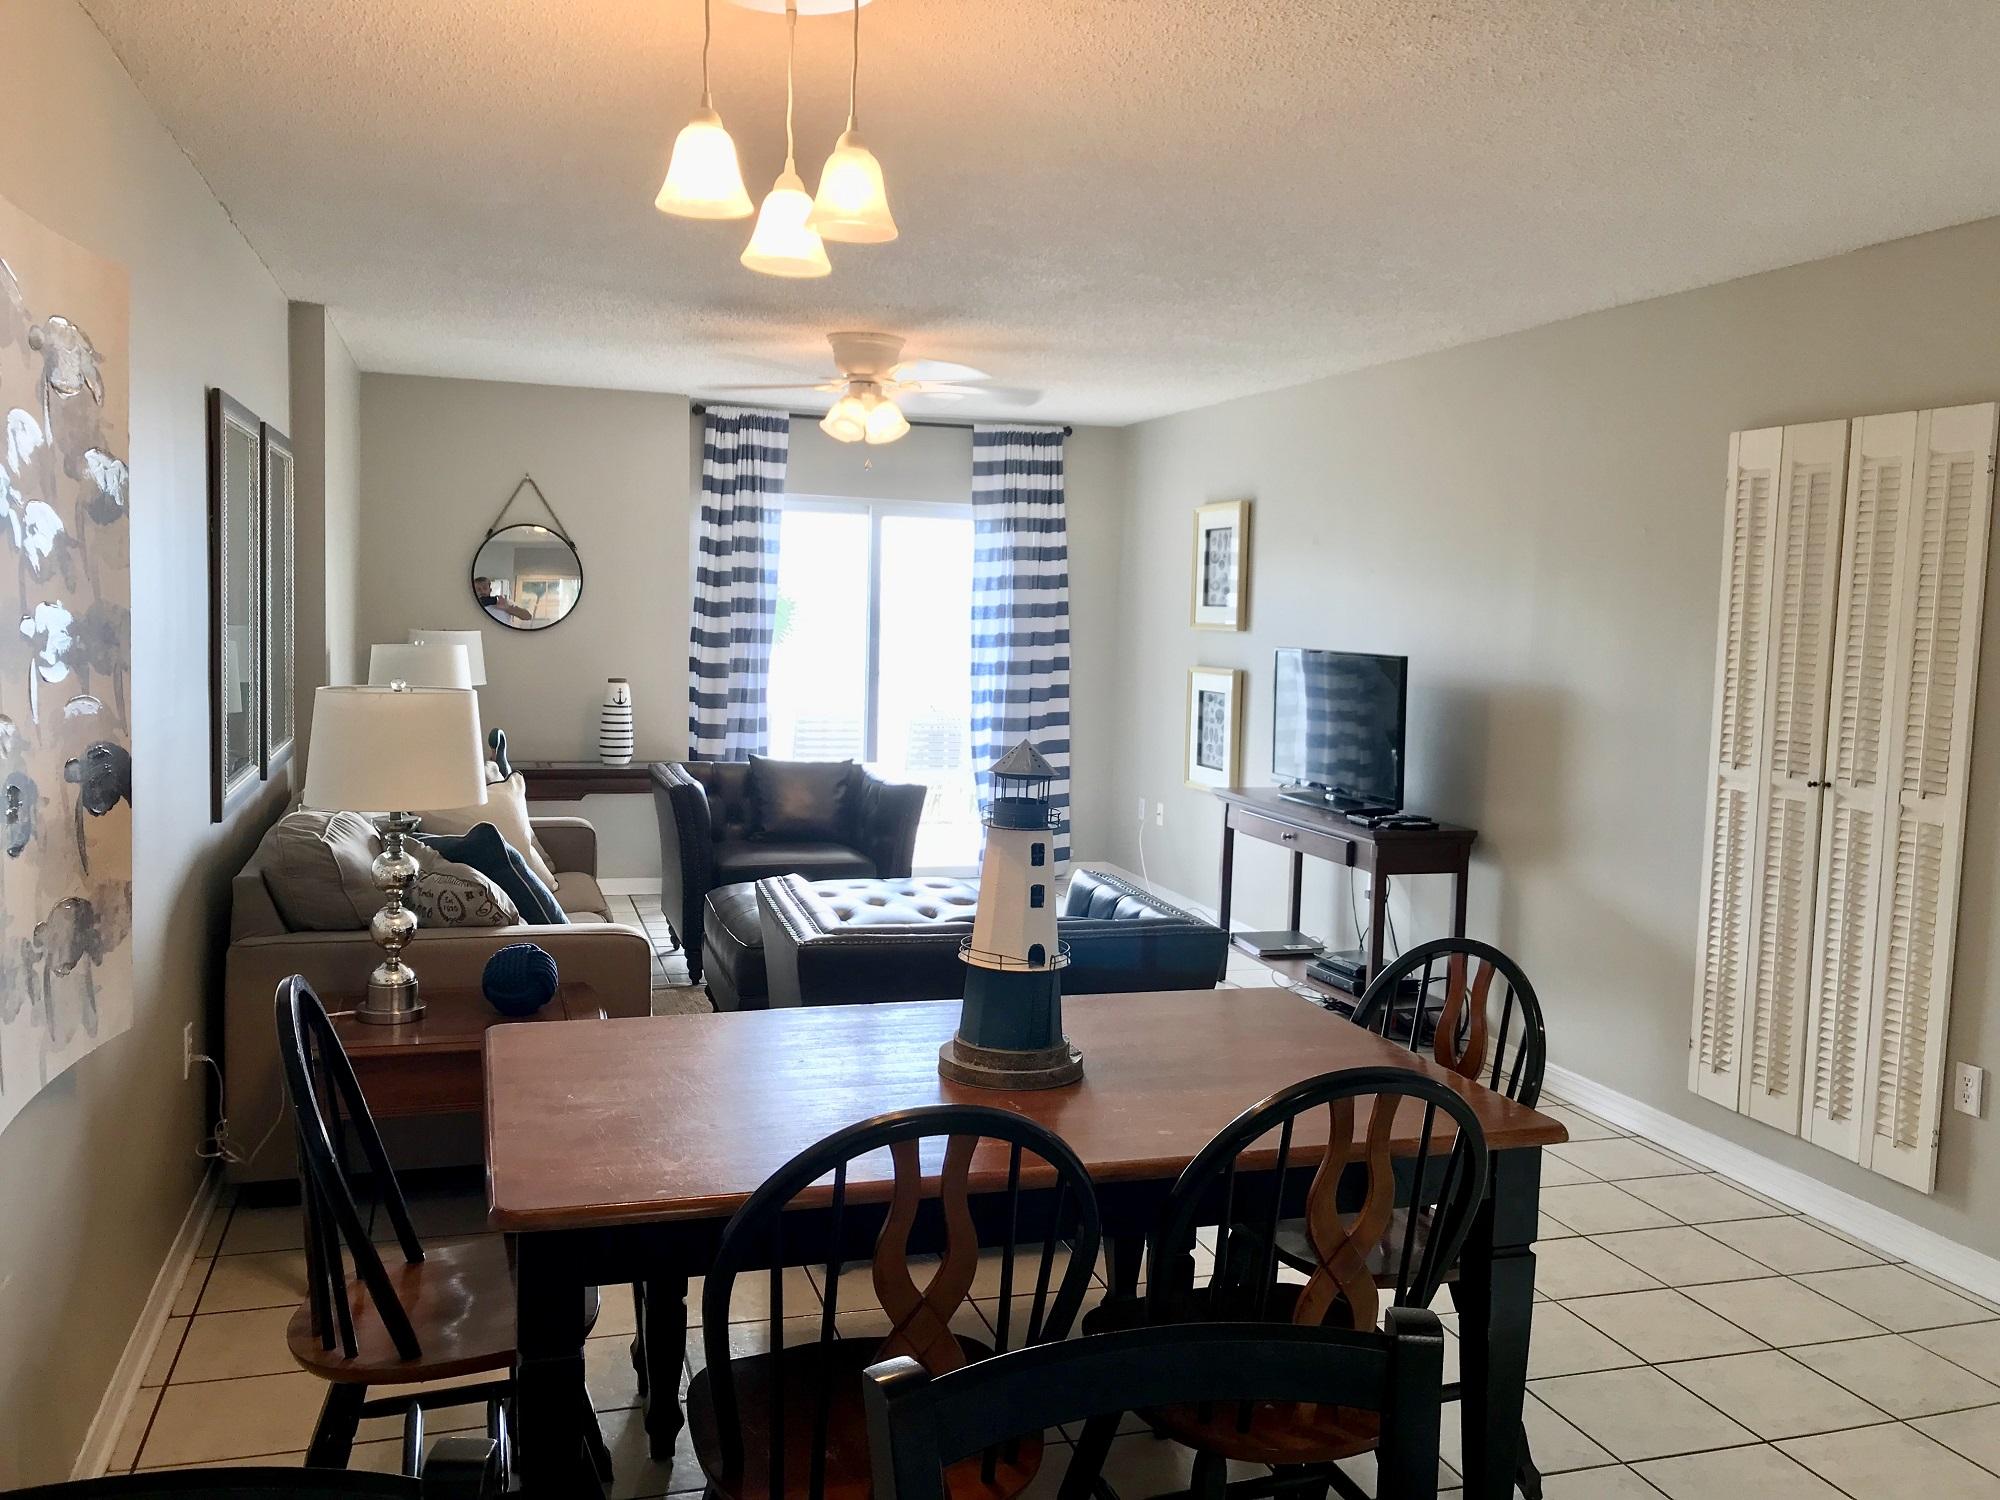 Ocean House 1206 Condo rental in Ocean House - Gulf Shores in Gulf Shores Alabama - #6